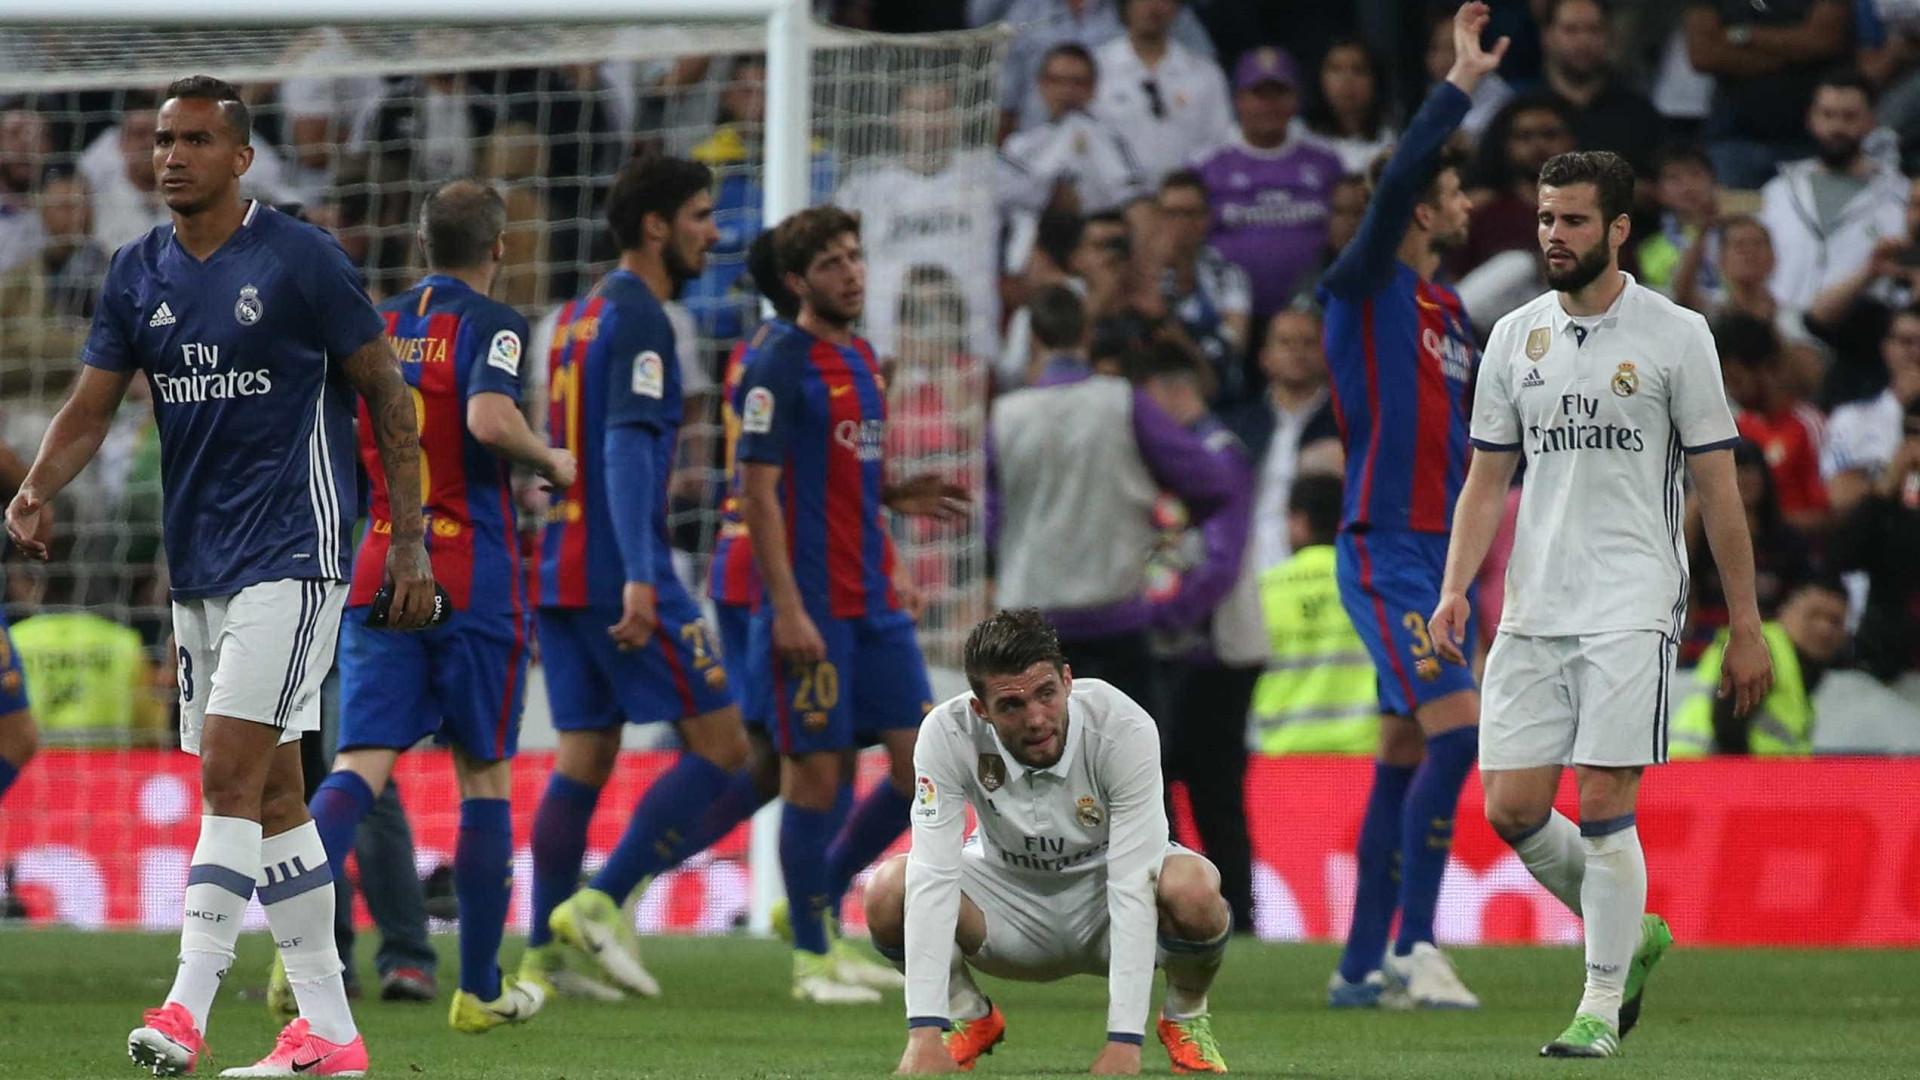 Real Madrid começa campeonato na Corunha — Espanha